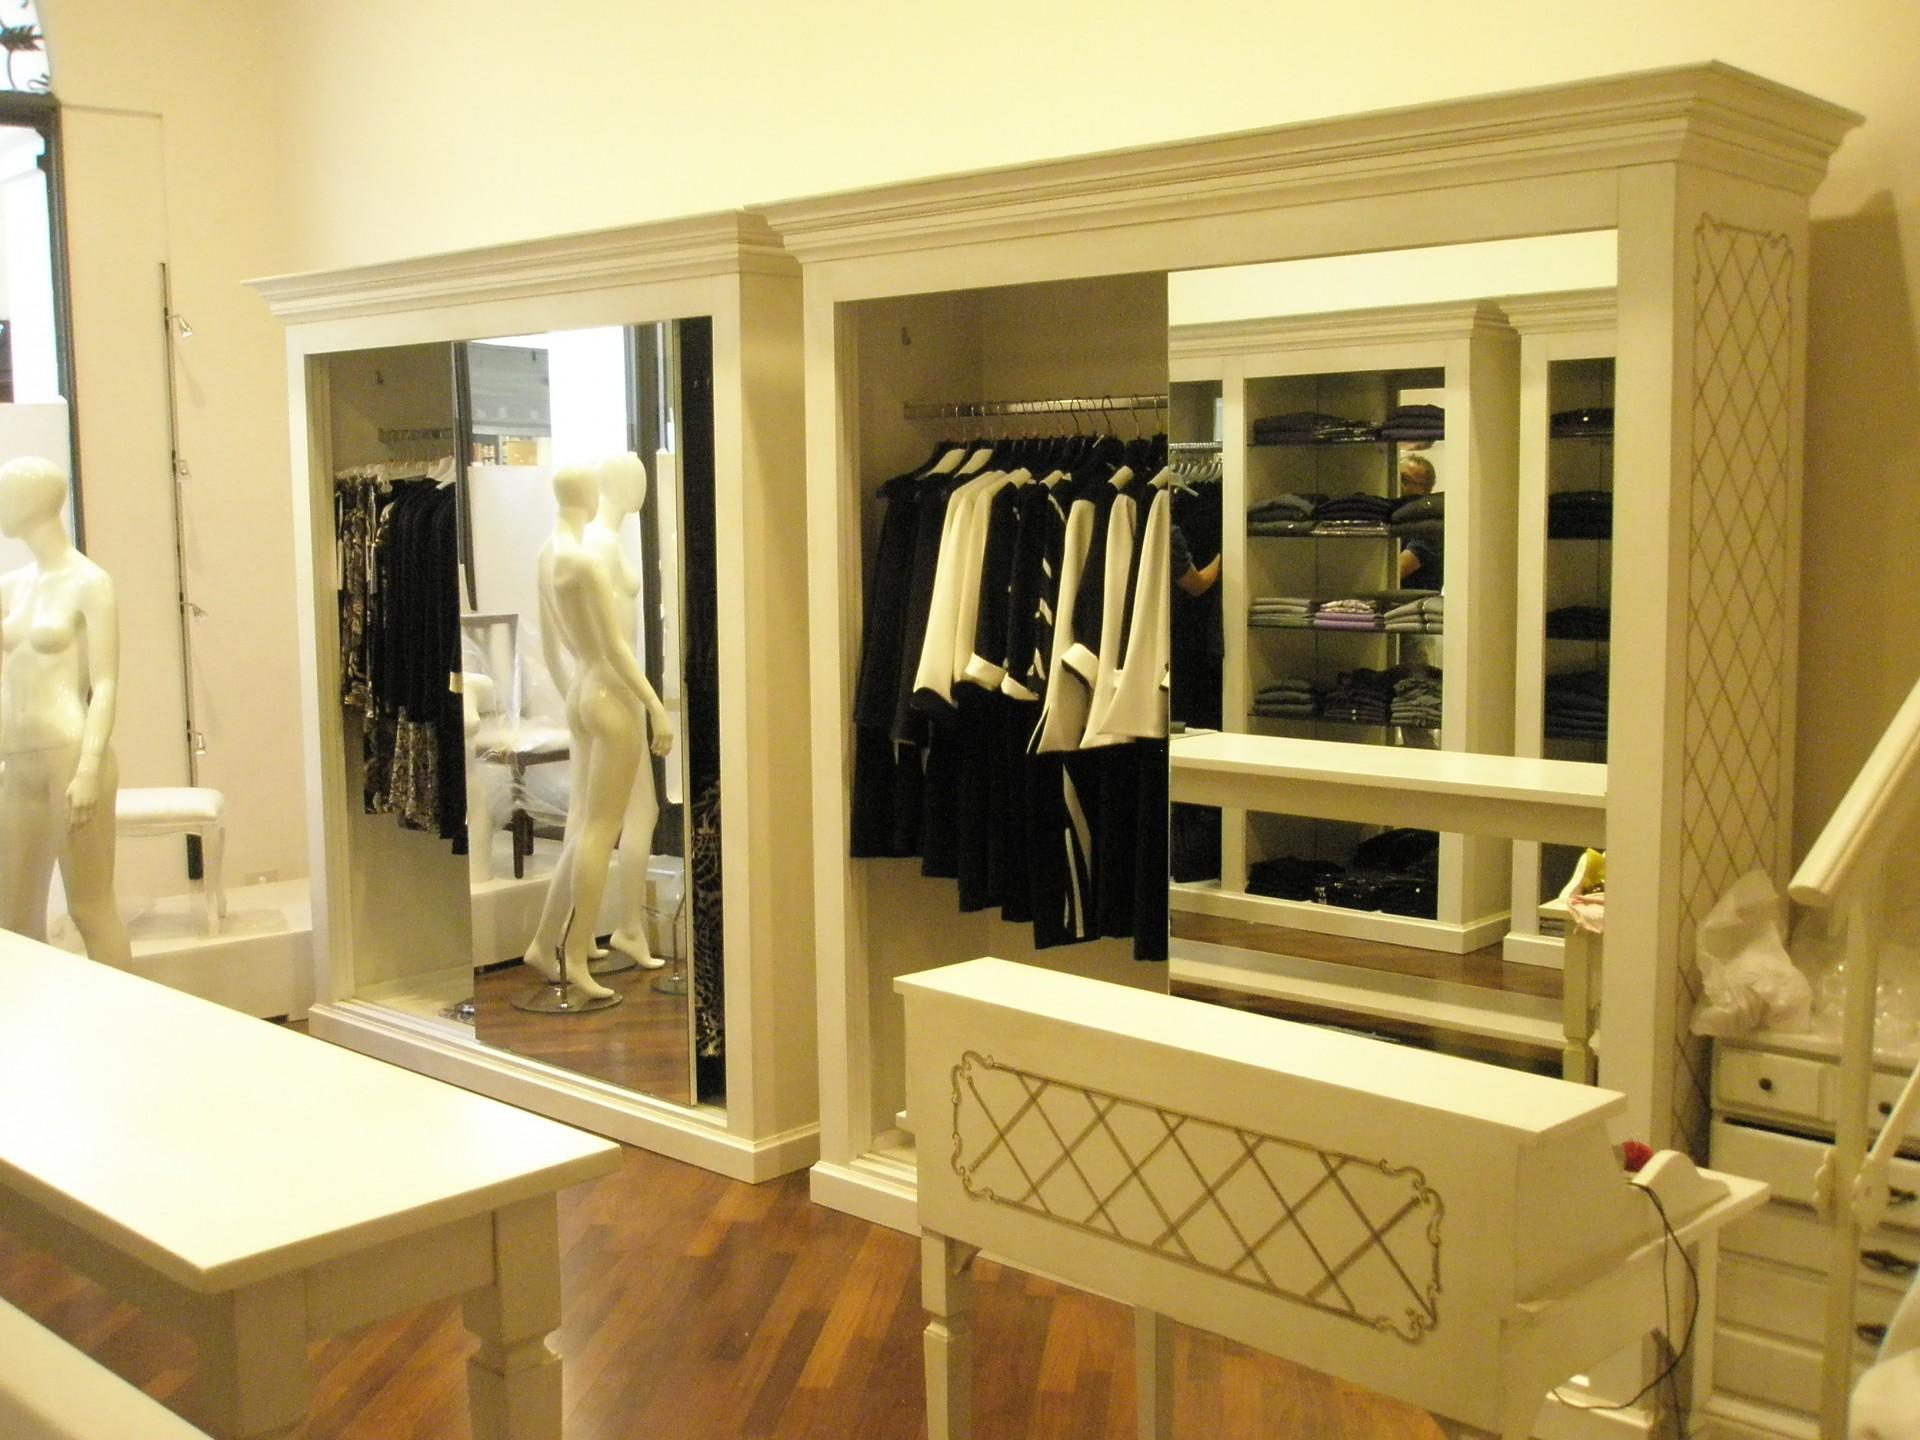 Arredamento per negozio di abbigliamento fadini mobili cerea verona